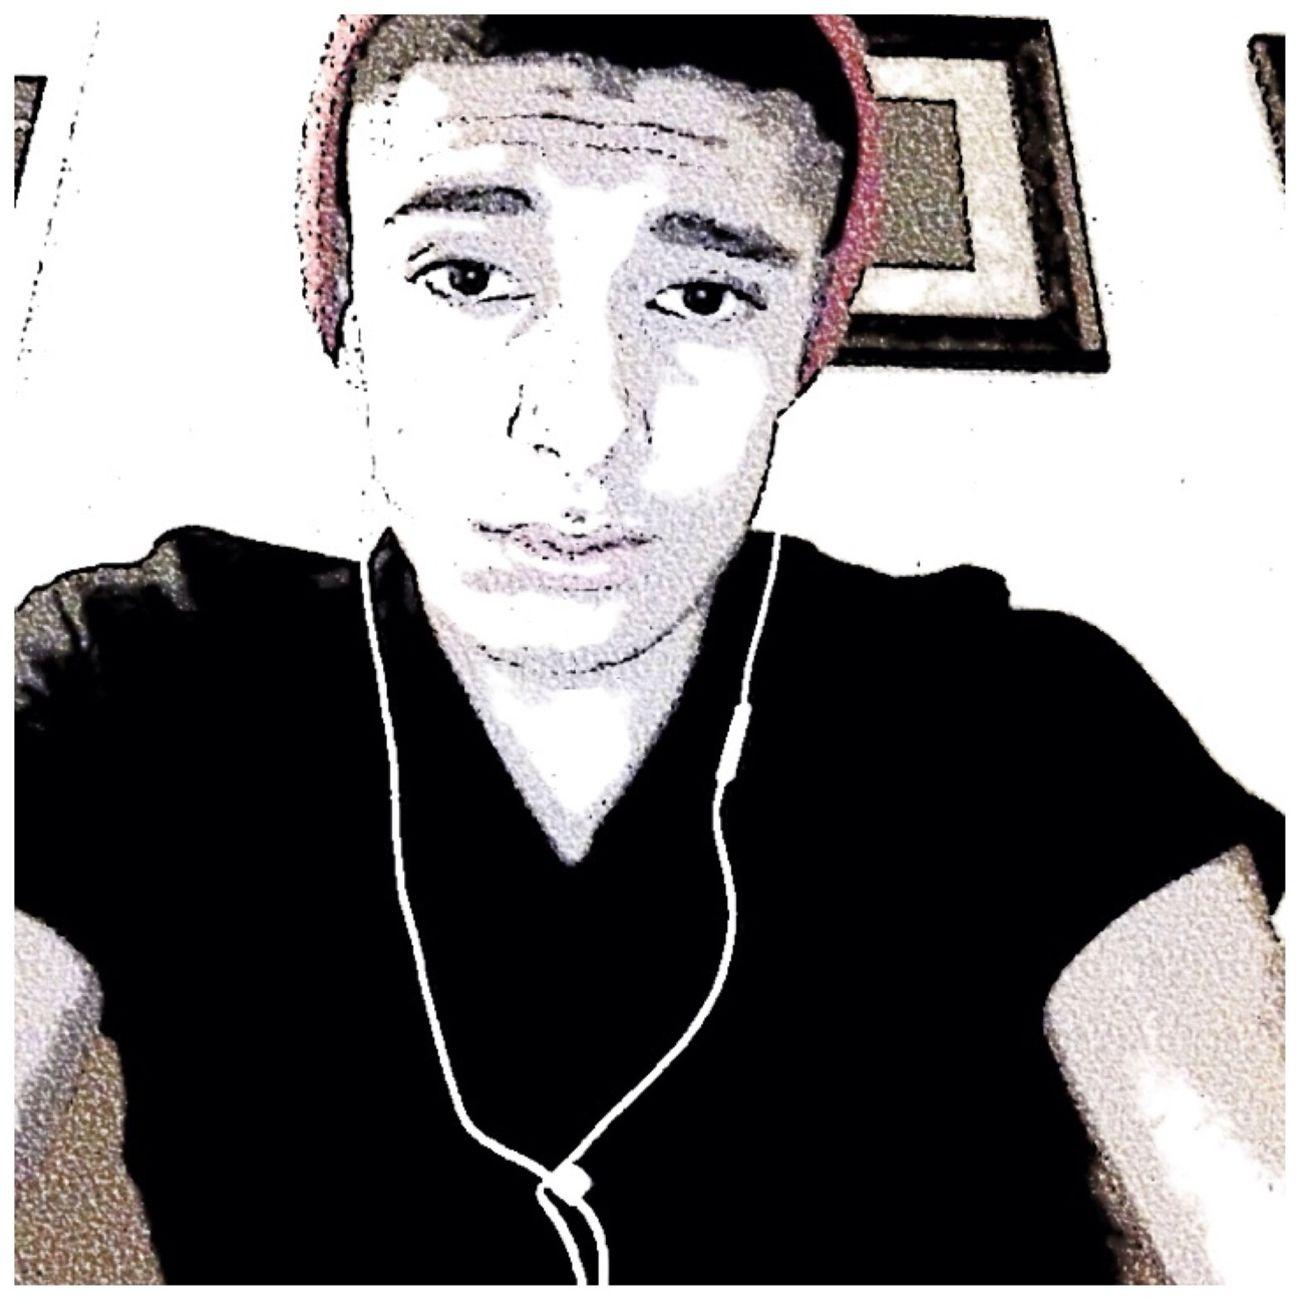 Pretty bored...